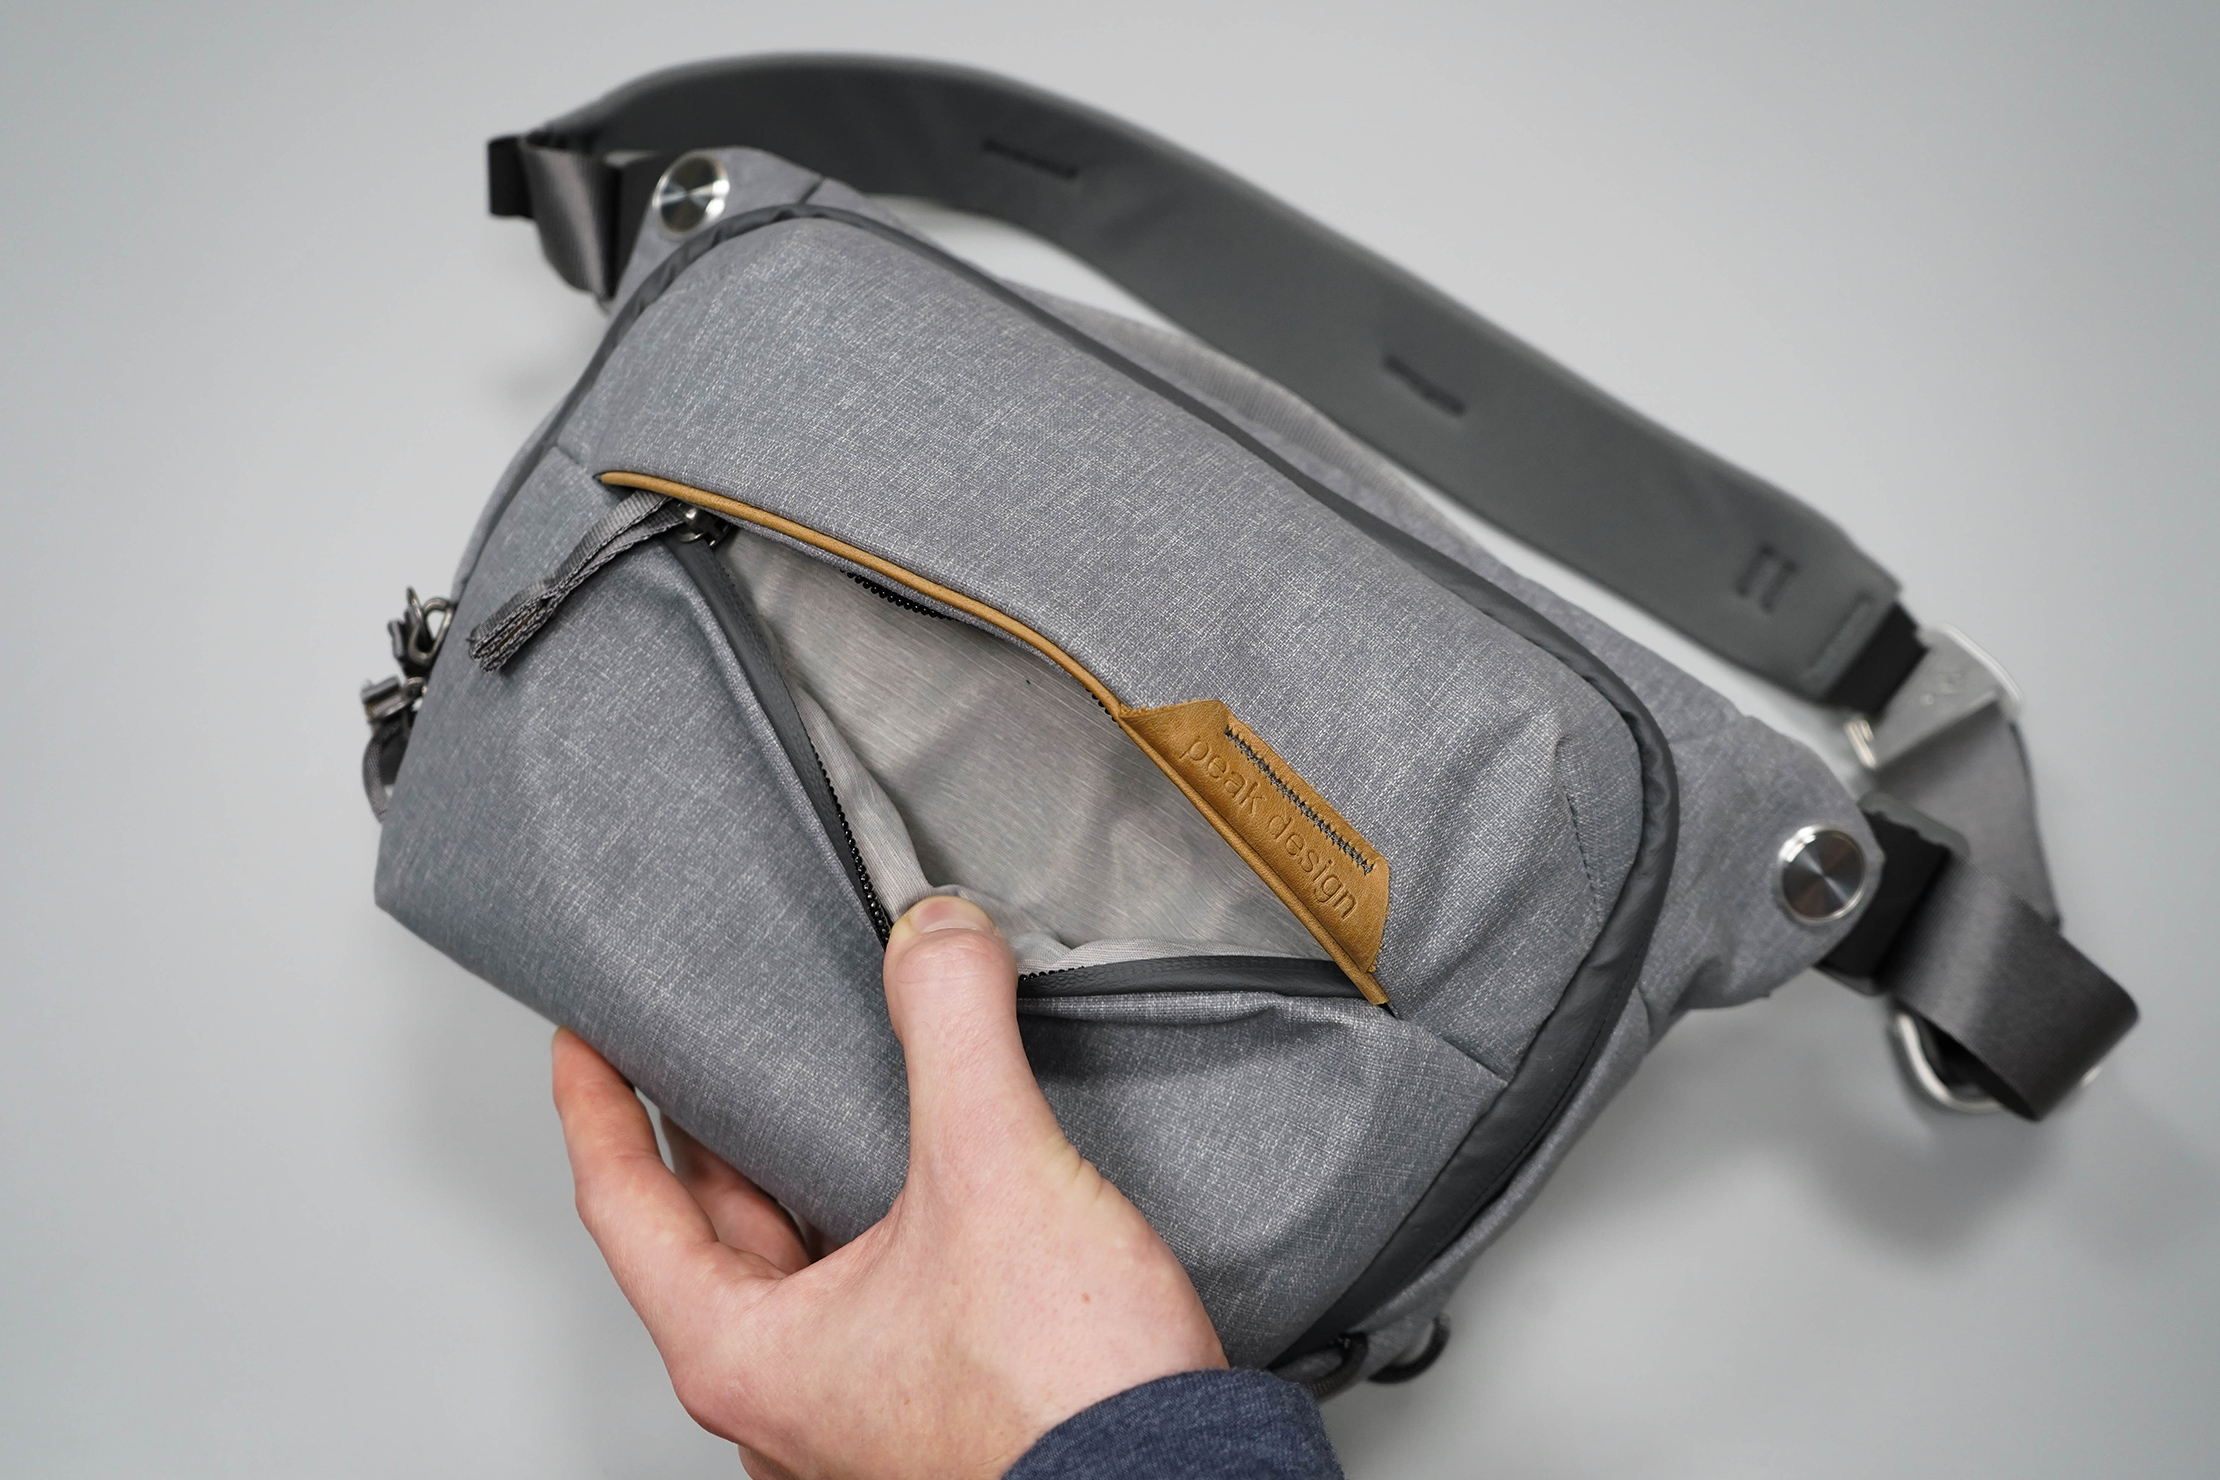 Peak Design Everyday Sling 3L V2 Front Pocket